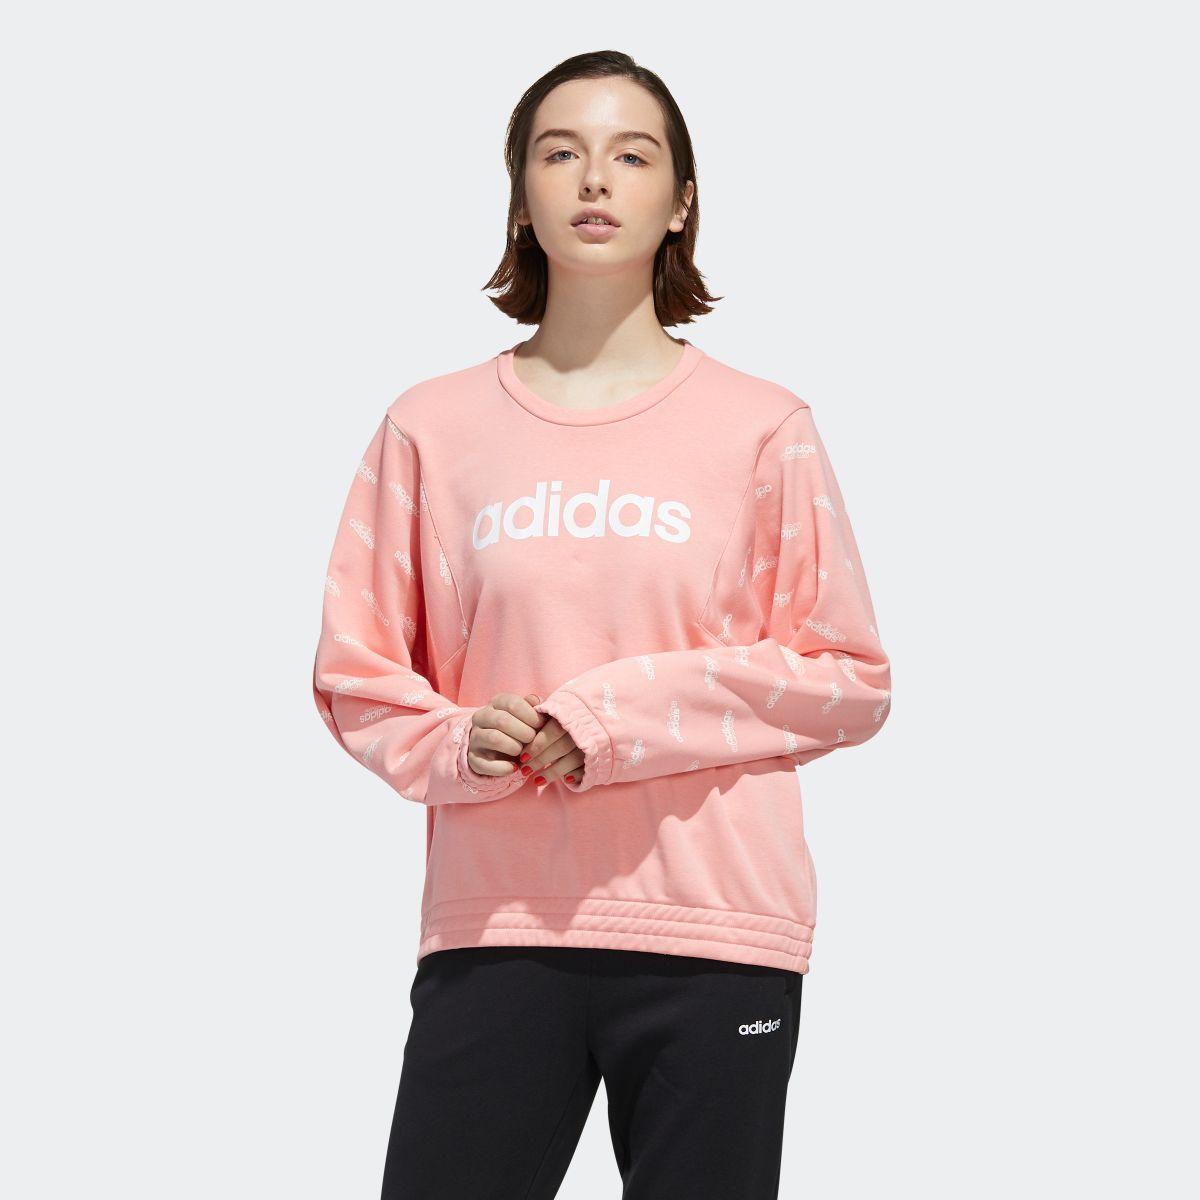 【公式】アディダス adidas フェイバリット スウェットシャツ / Favorites Sweatshirt レディース ウェア トップス スウェット ピンク FM6184 p1016